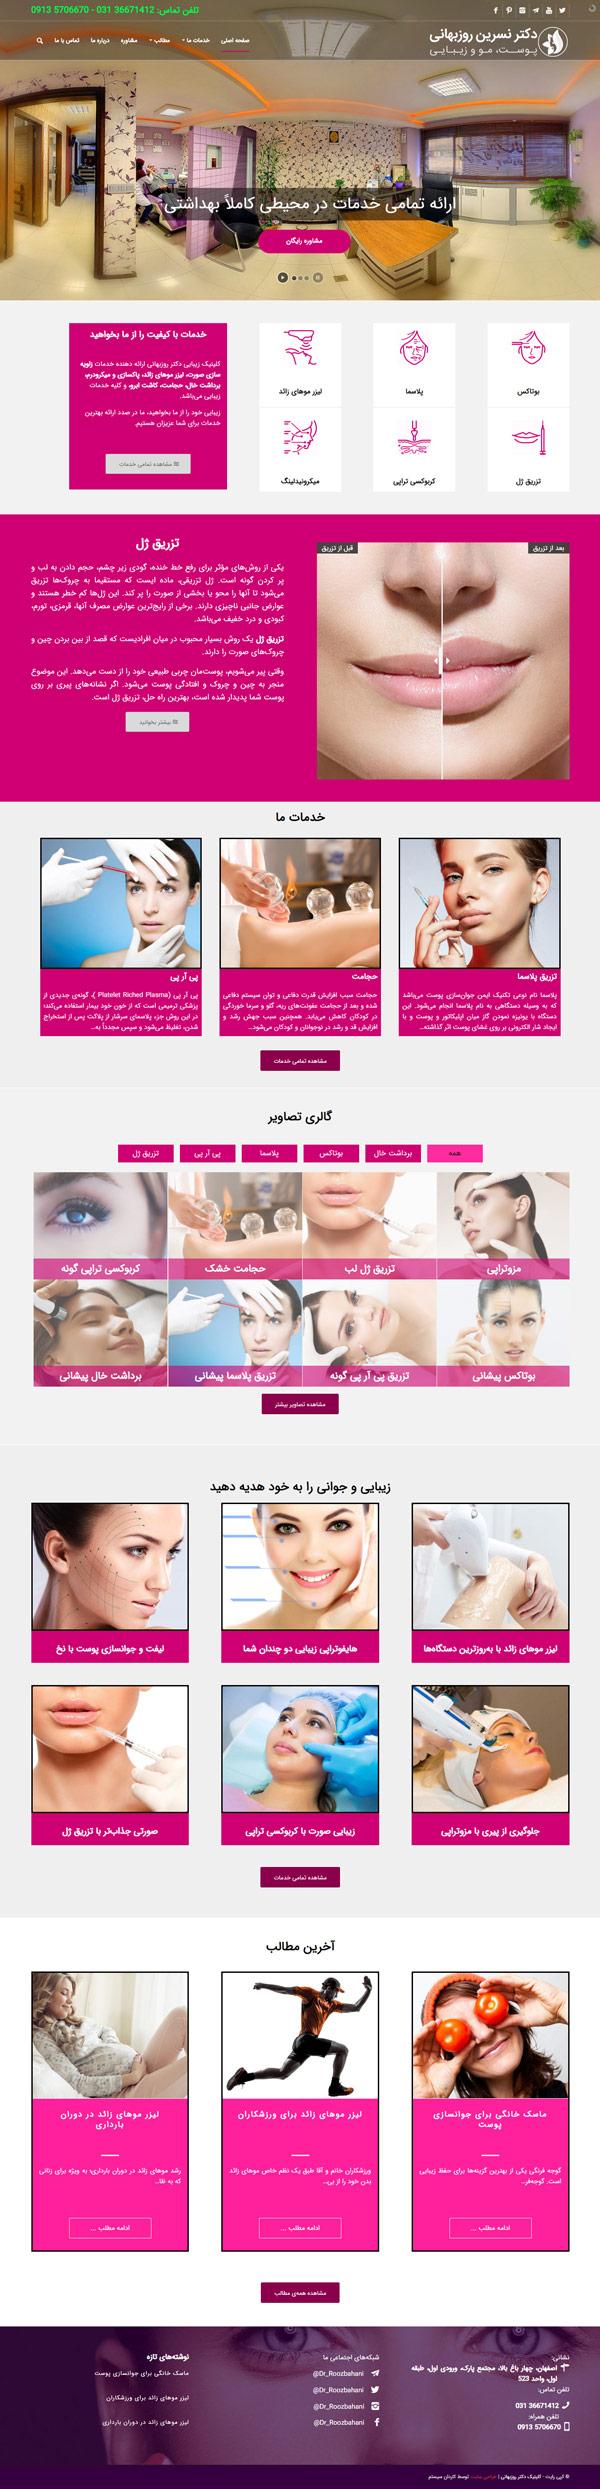 طراحی سایت کلینیک دکتر روزبهانی | خدمات پوست و زیبایی